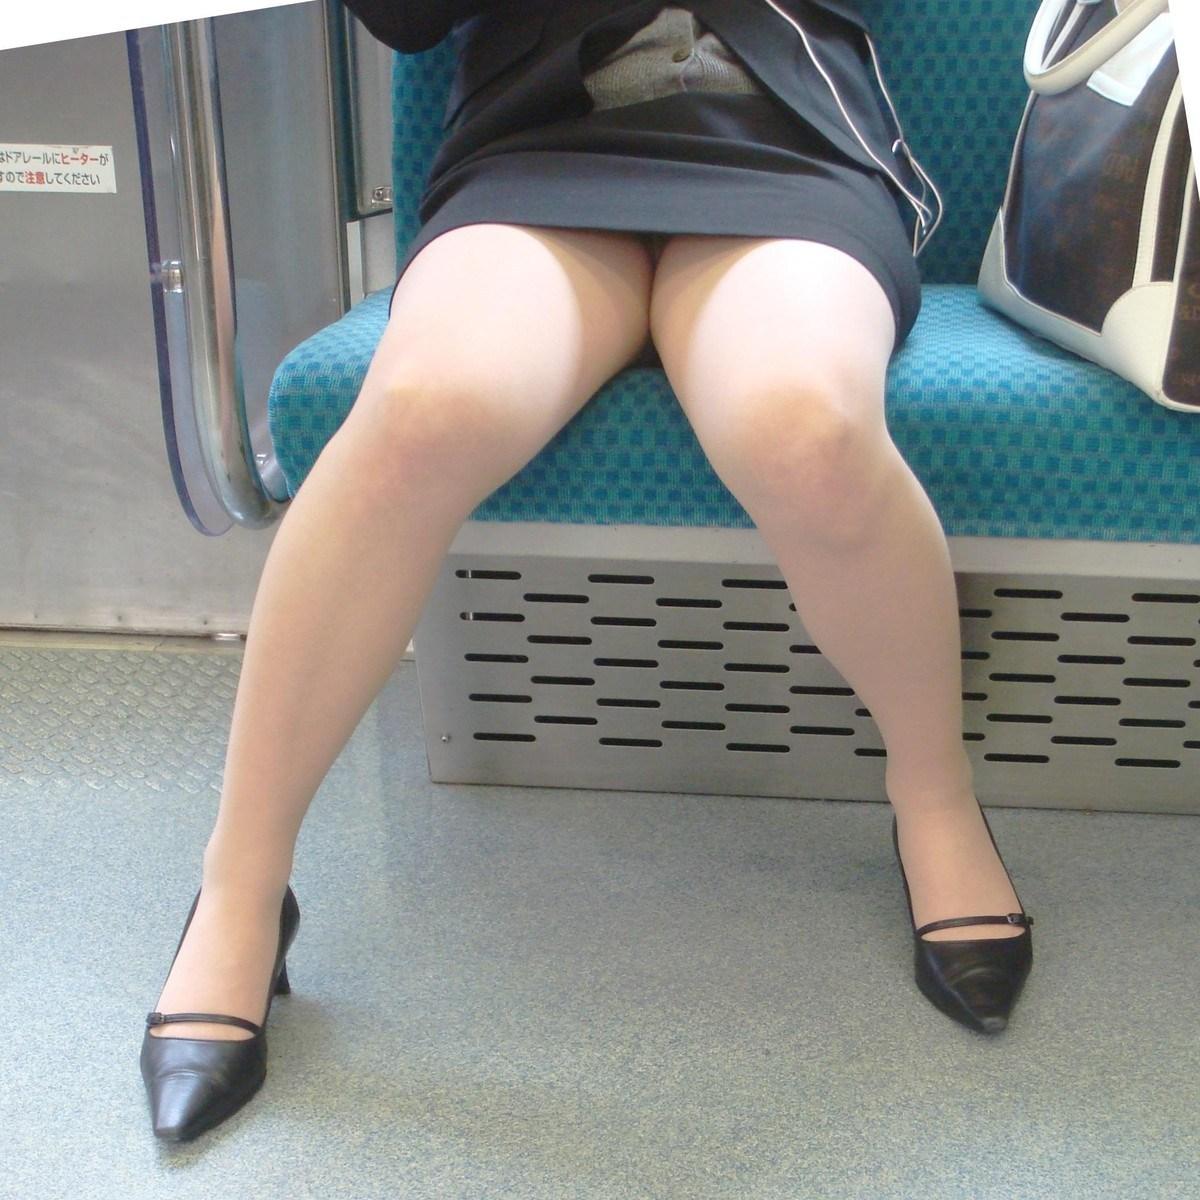 電車対面チラ14